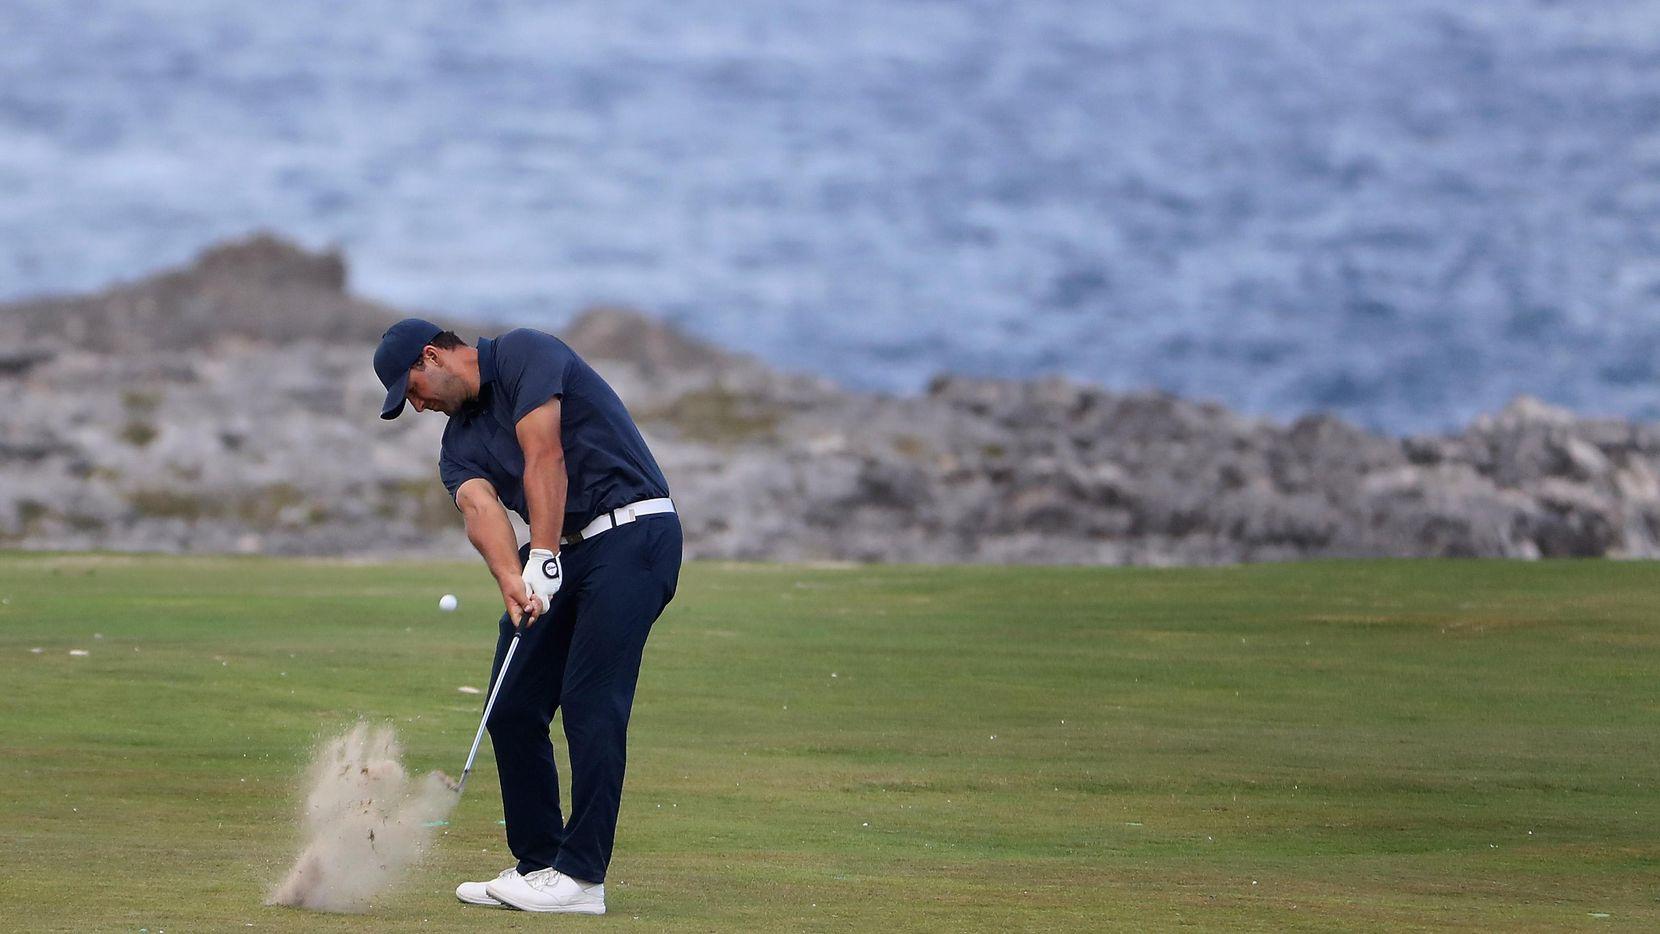 Tony Romo jugando golf en Punta Cana, República Dominicana.(GETT IMAGES)